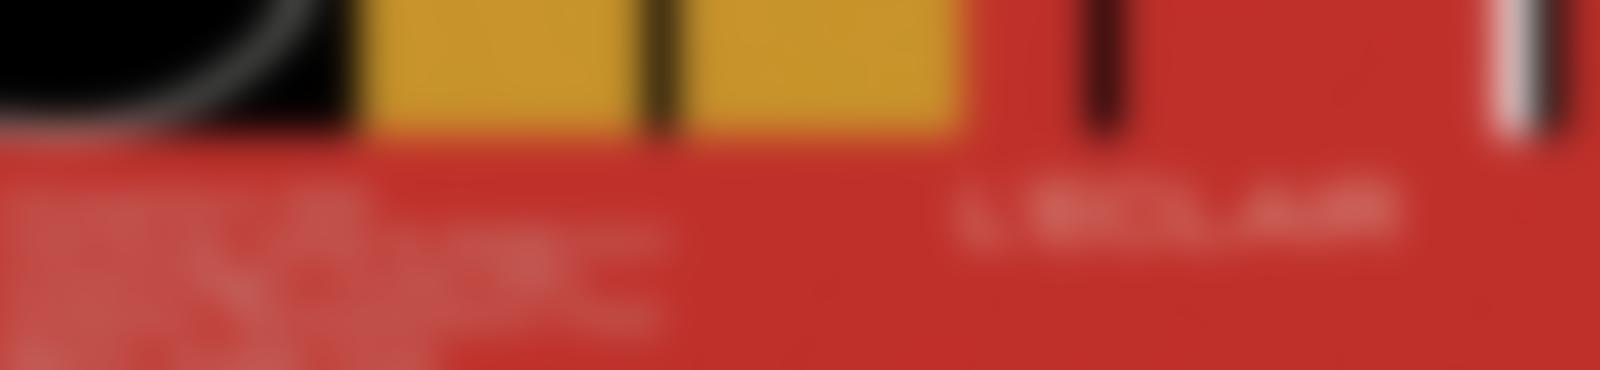 Blurred ad16f84a d303 4f29 9c52 d939f9db686e